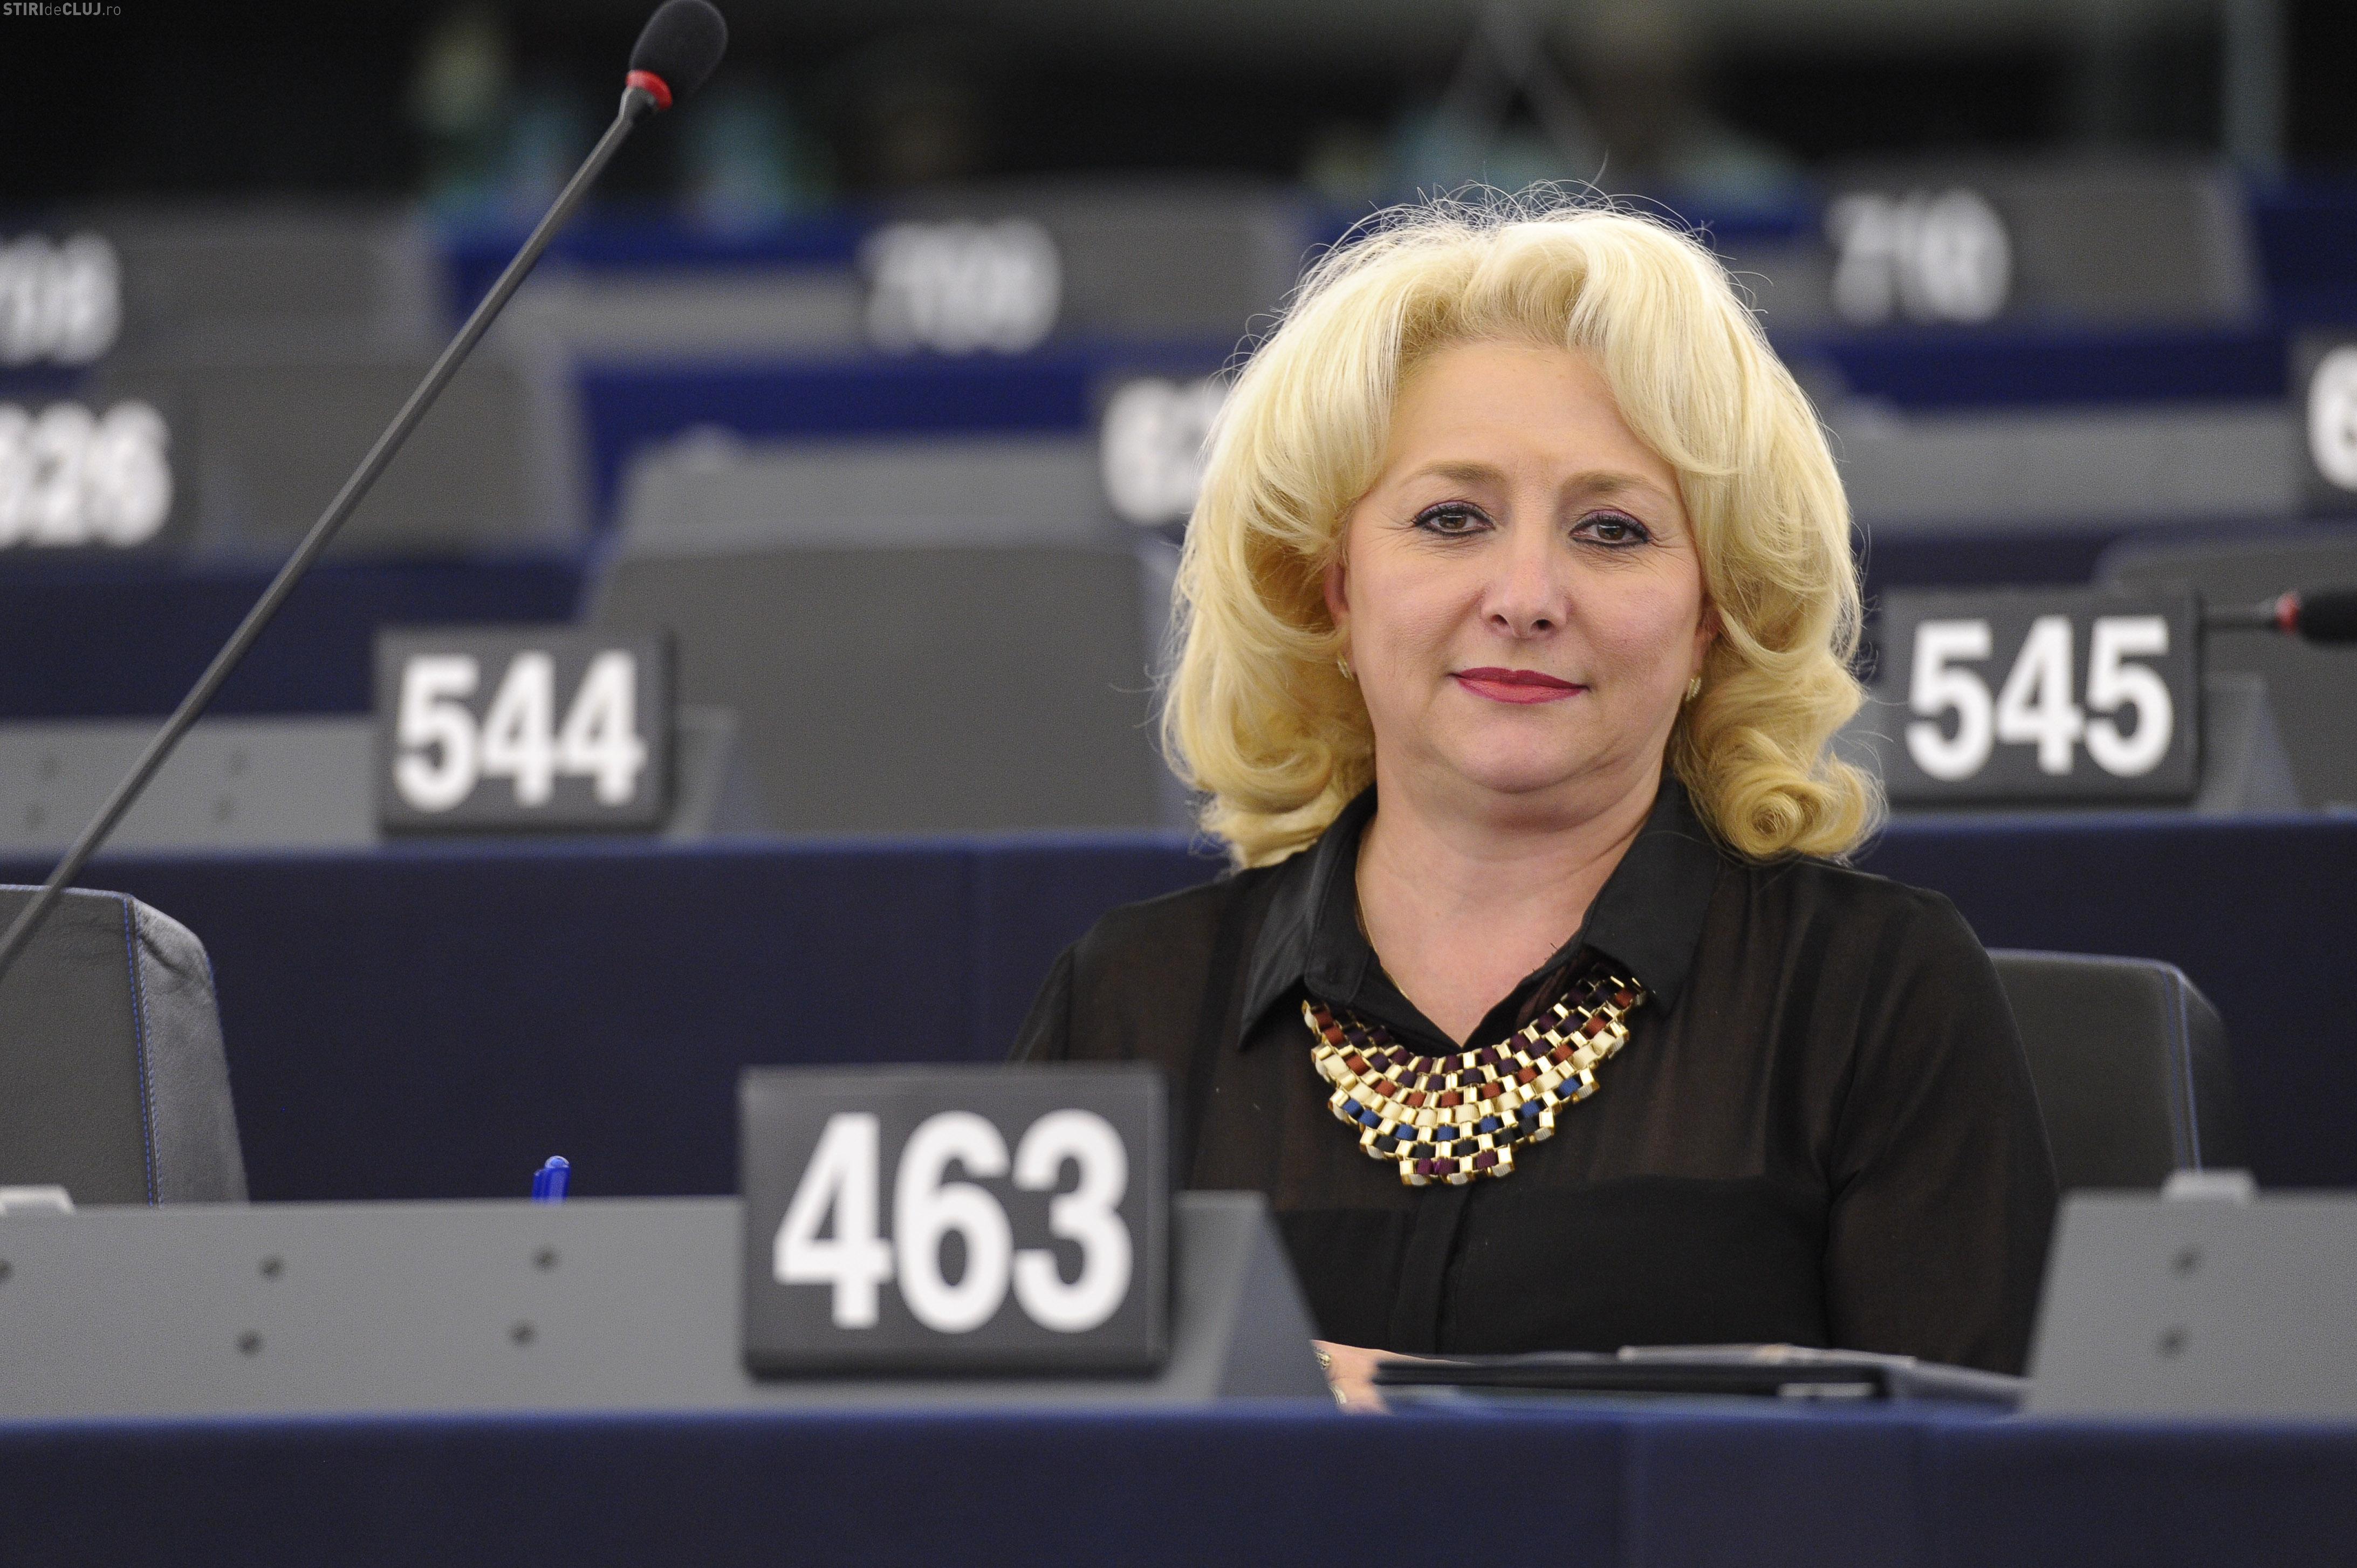 Propunerea PSD pentru funcția de premier vine din Teleorman. Cine e Viorica Dăncilă